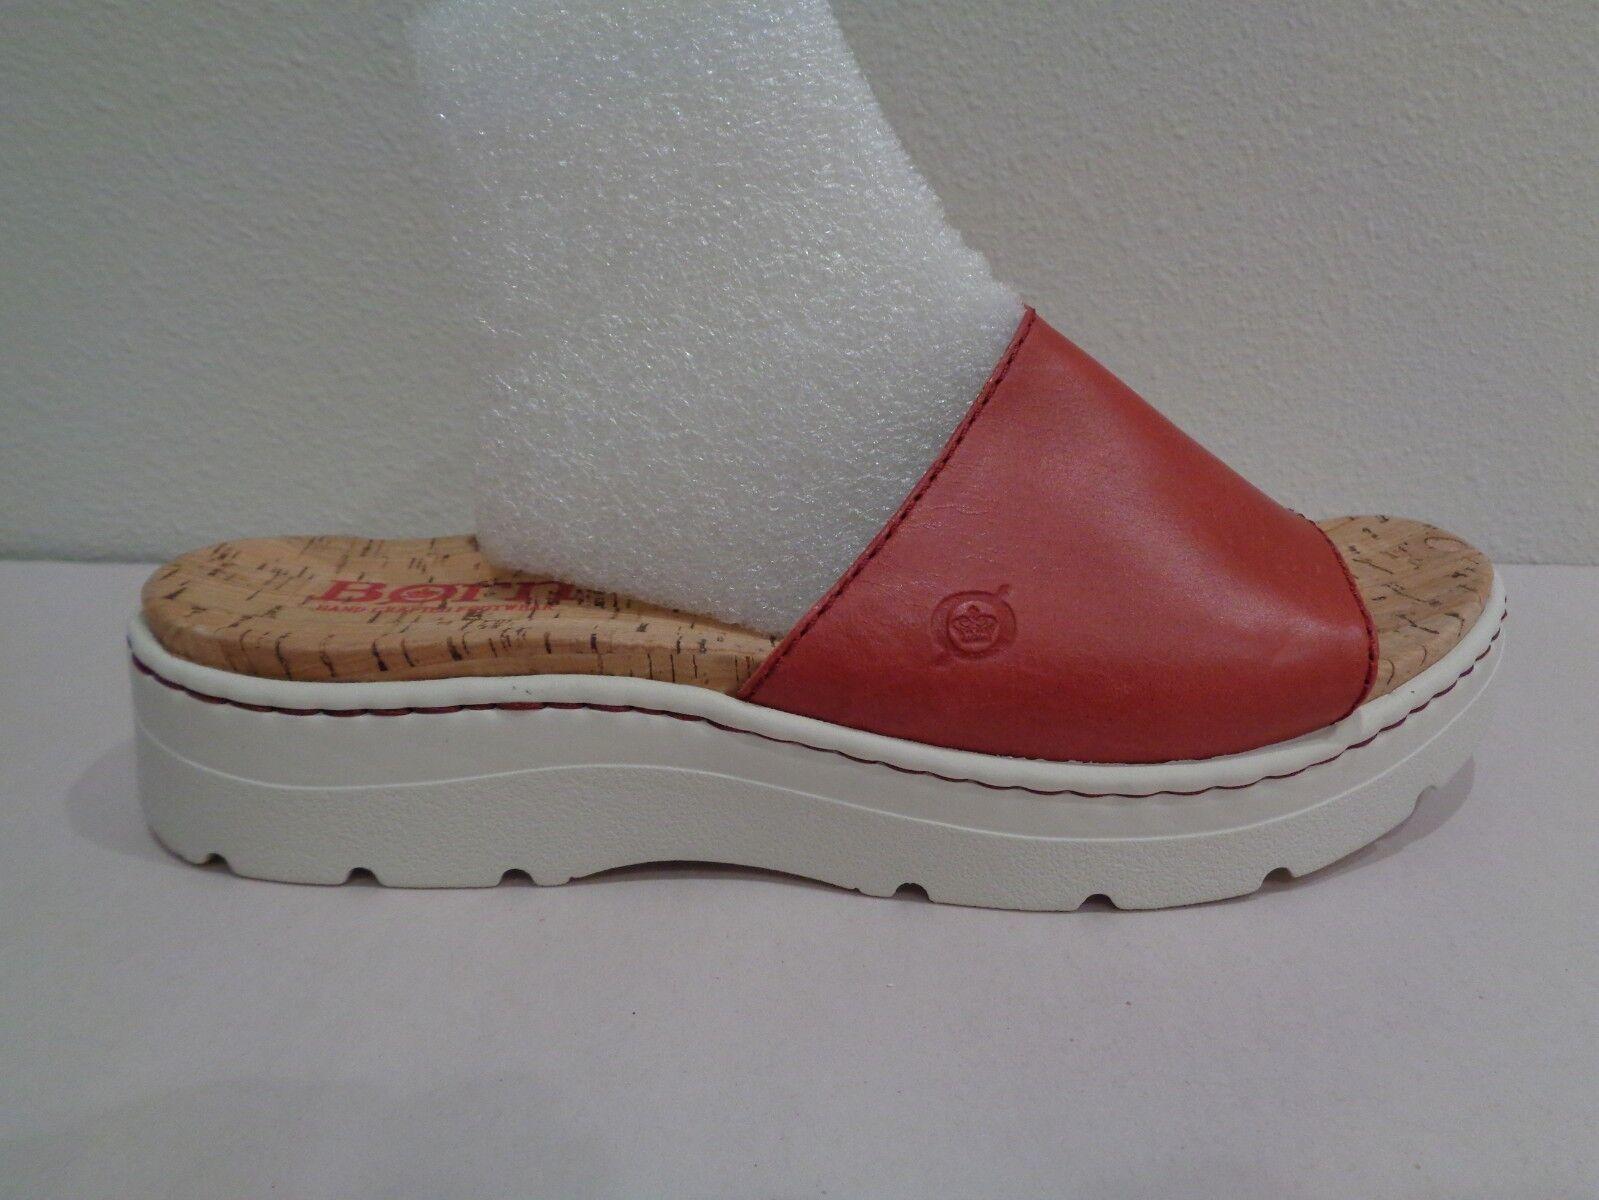 Born Größe 9 M BENITEZ ROT Leder Platform Slides Slides Slides Sandales New Damenschuhe Schuhes 2ffc36